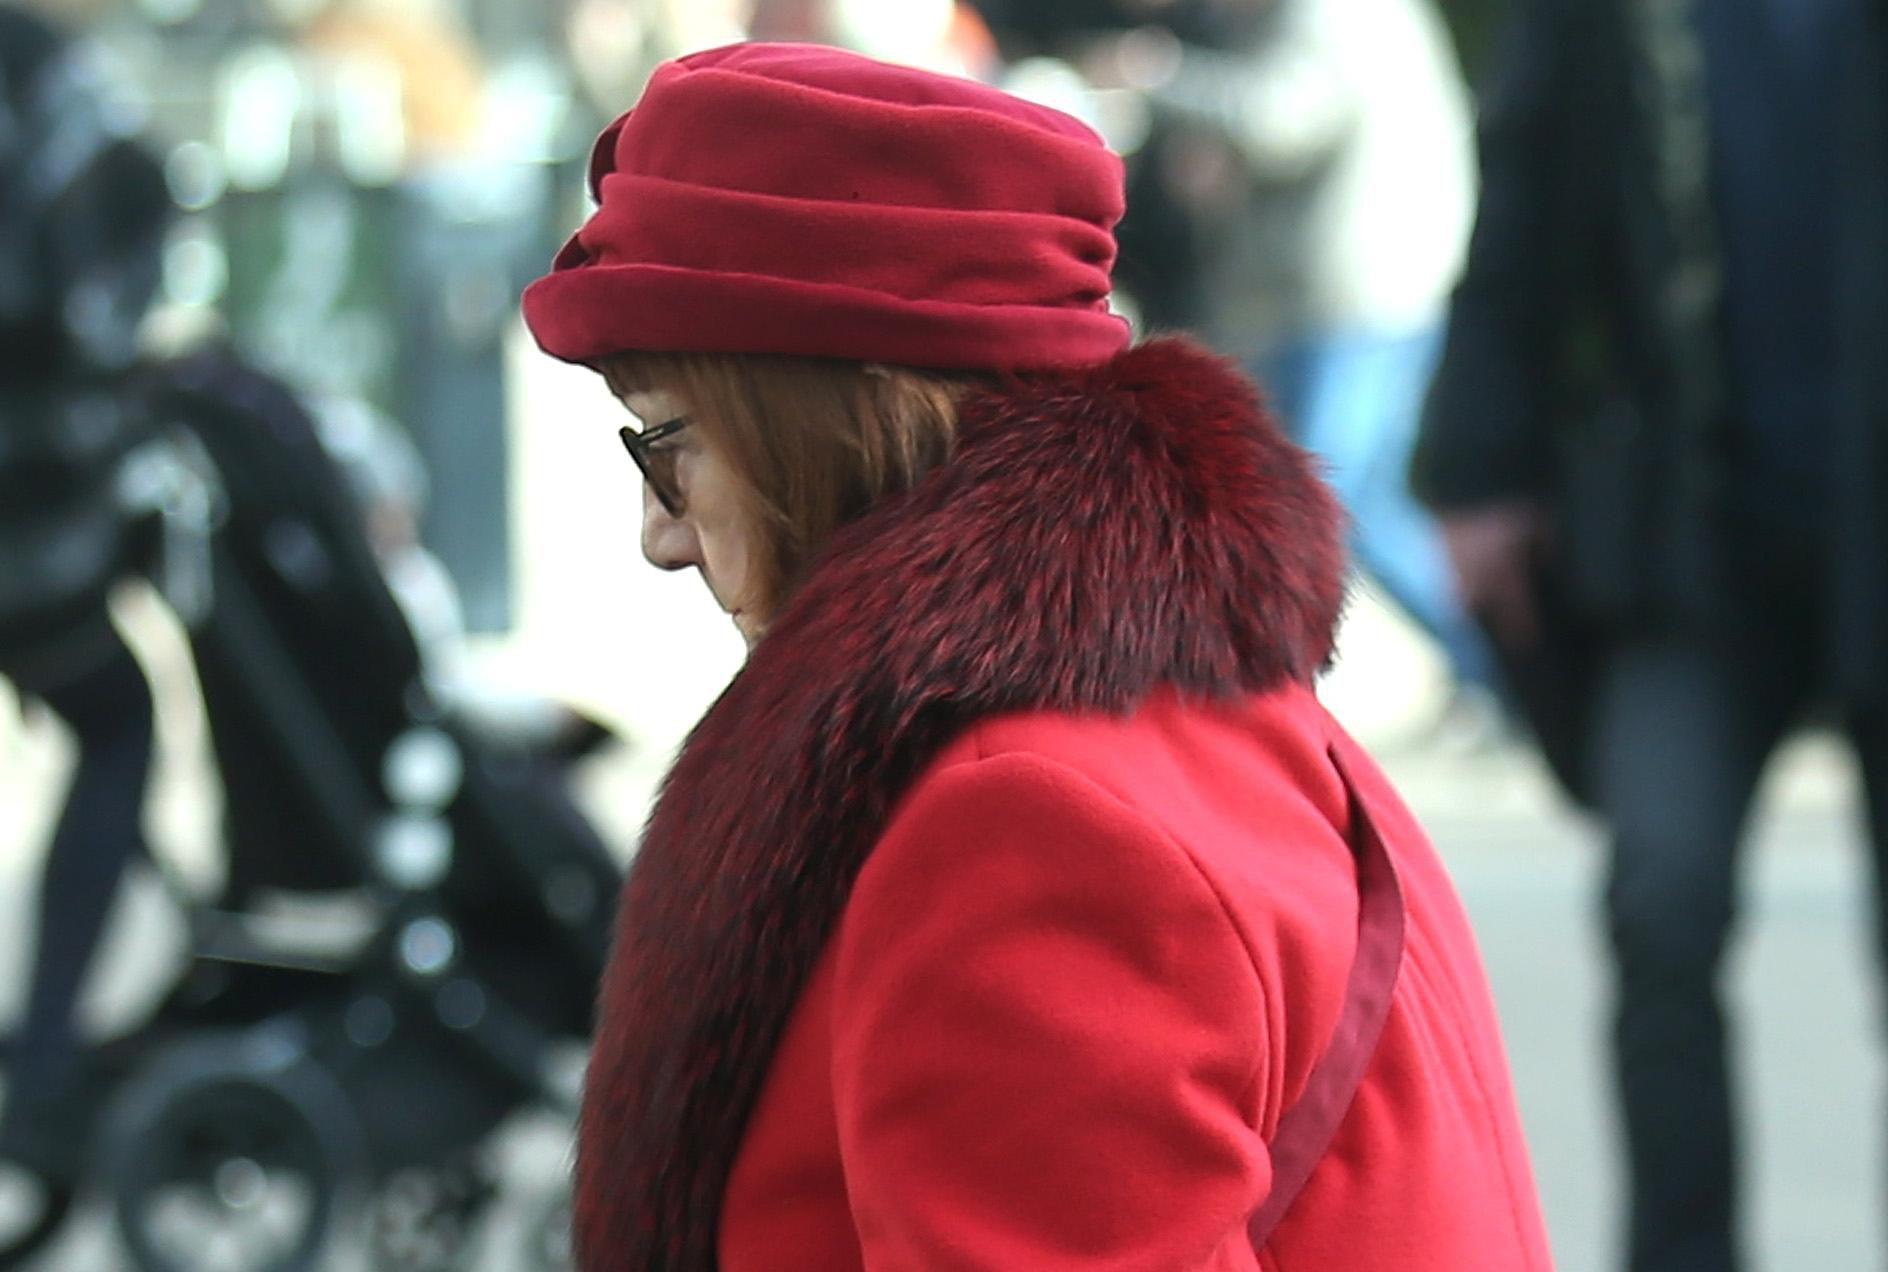 Inspirirajte se njome: Ova gospođa zna kako nositi crveno od glave do pete!